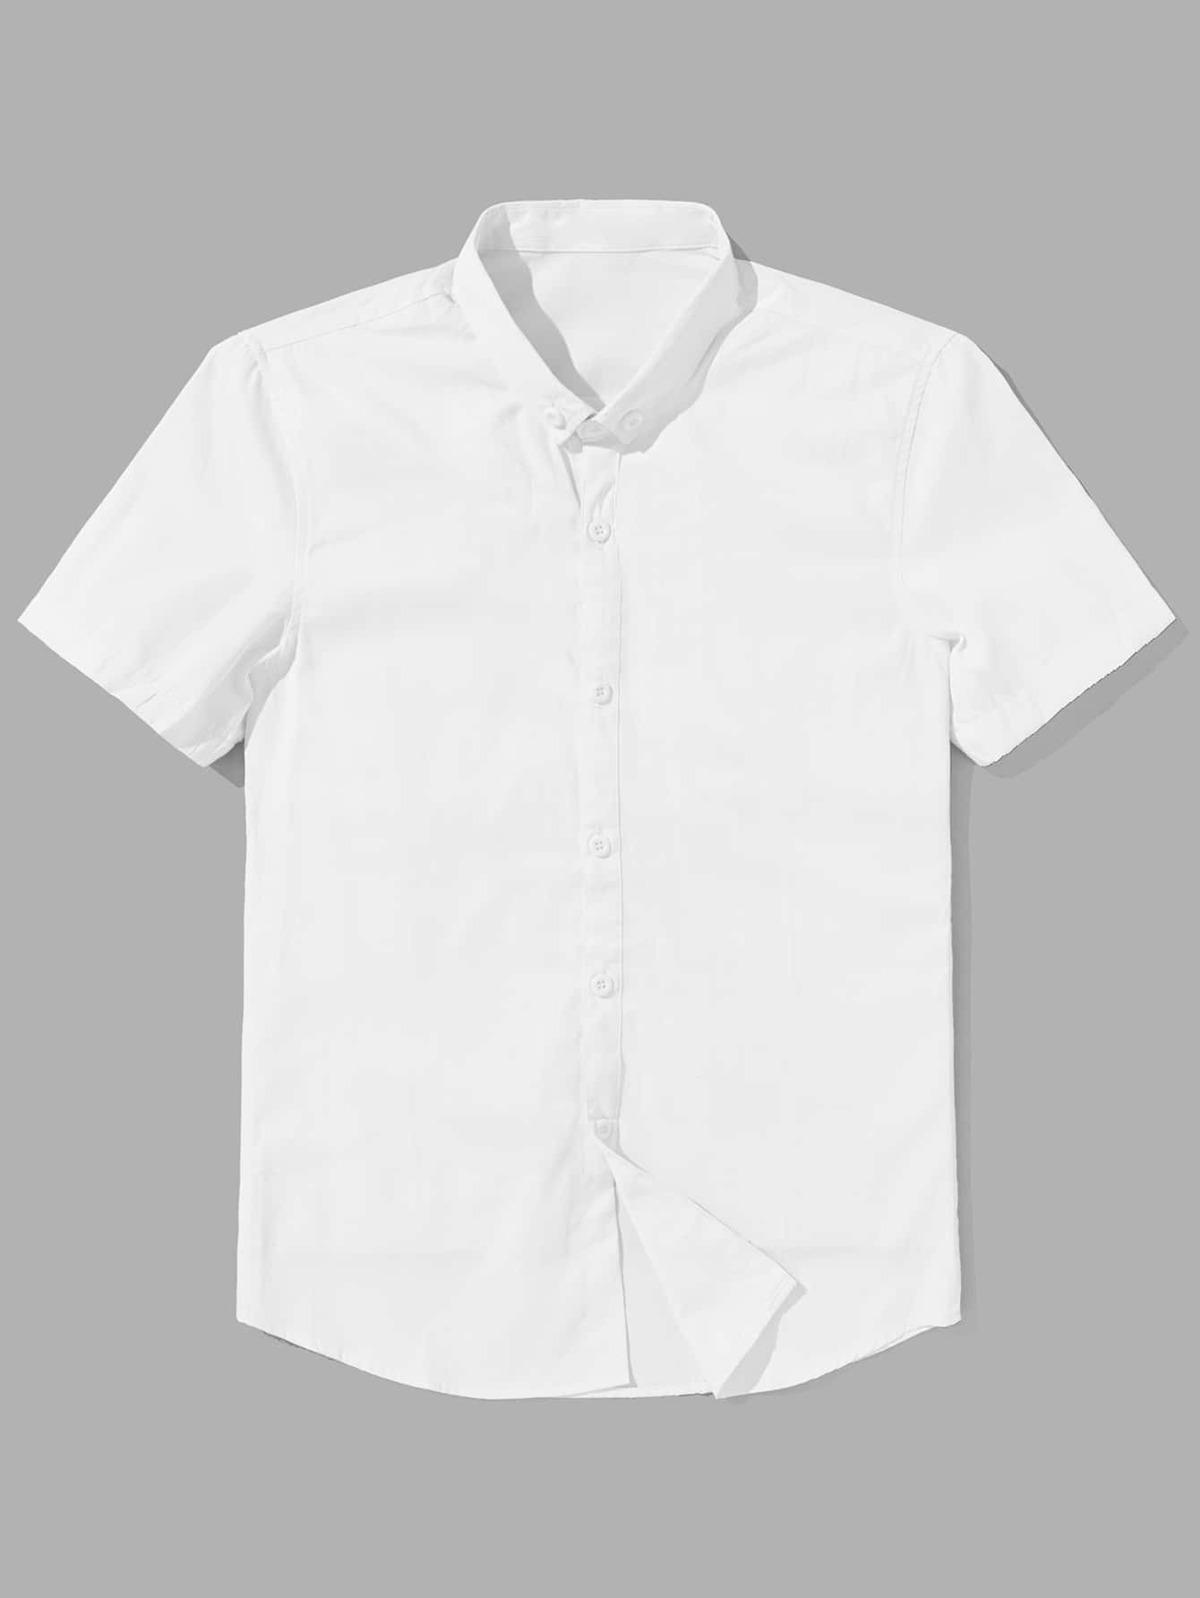 男人 樸實 襯衫